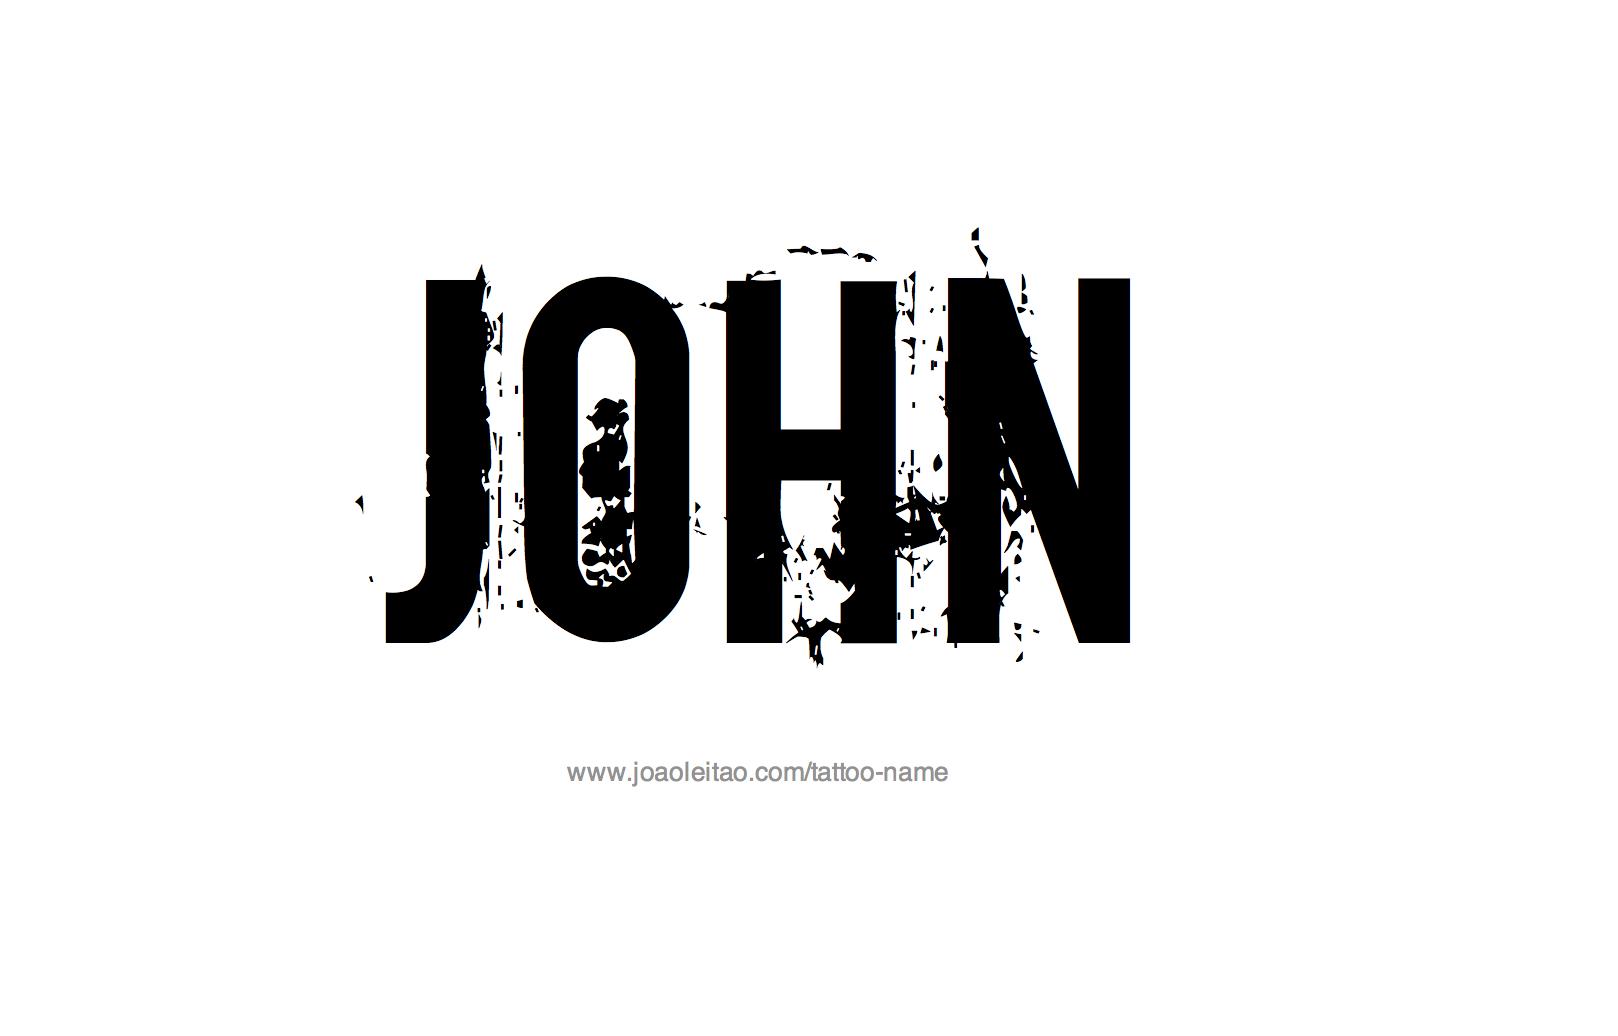 Name: John Name Tattoo Designs